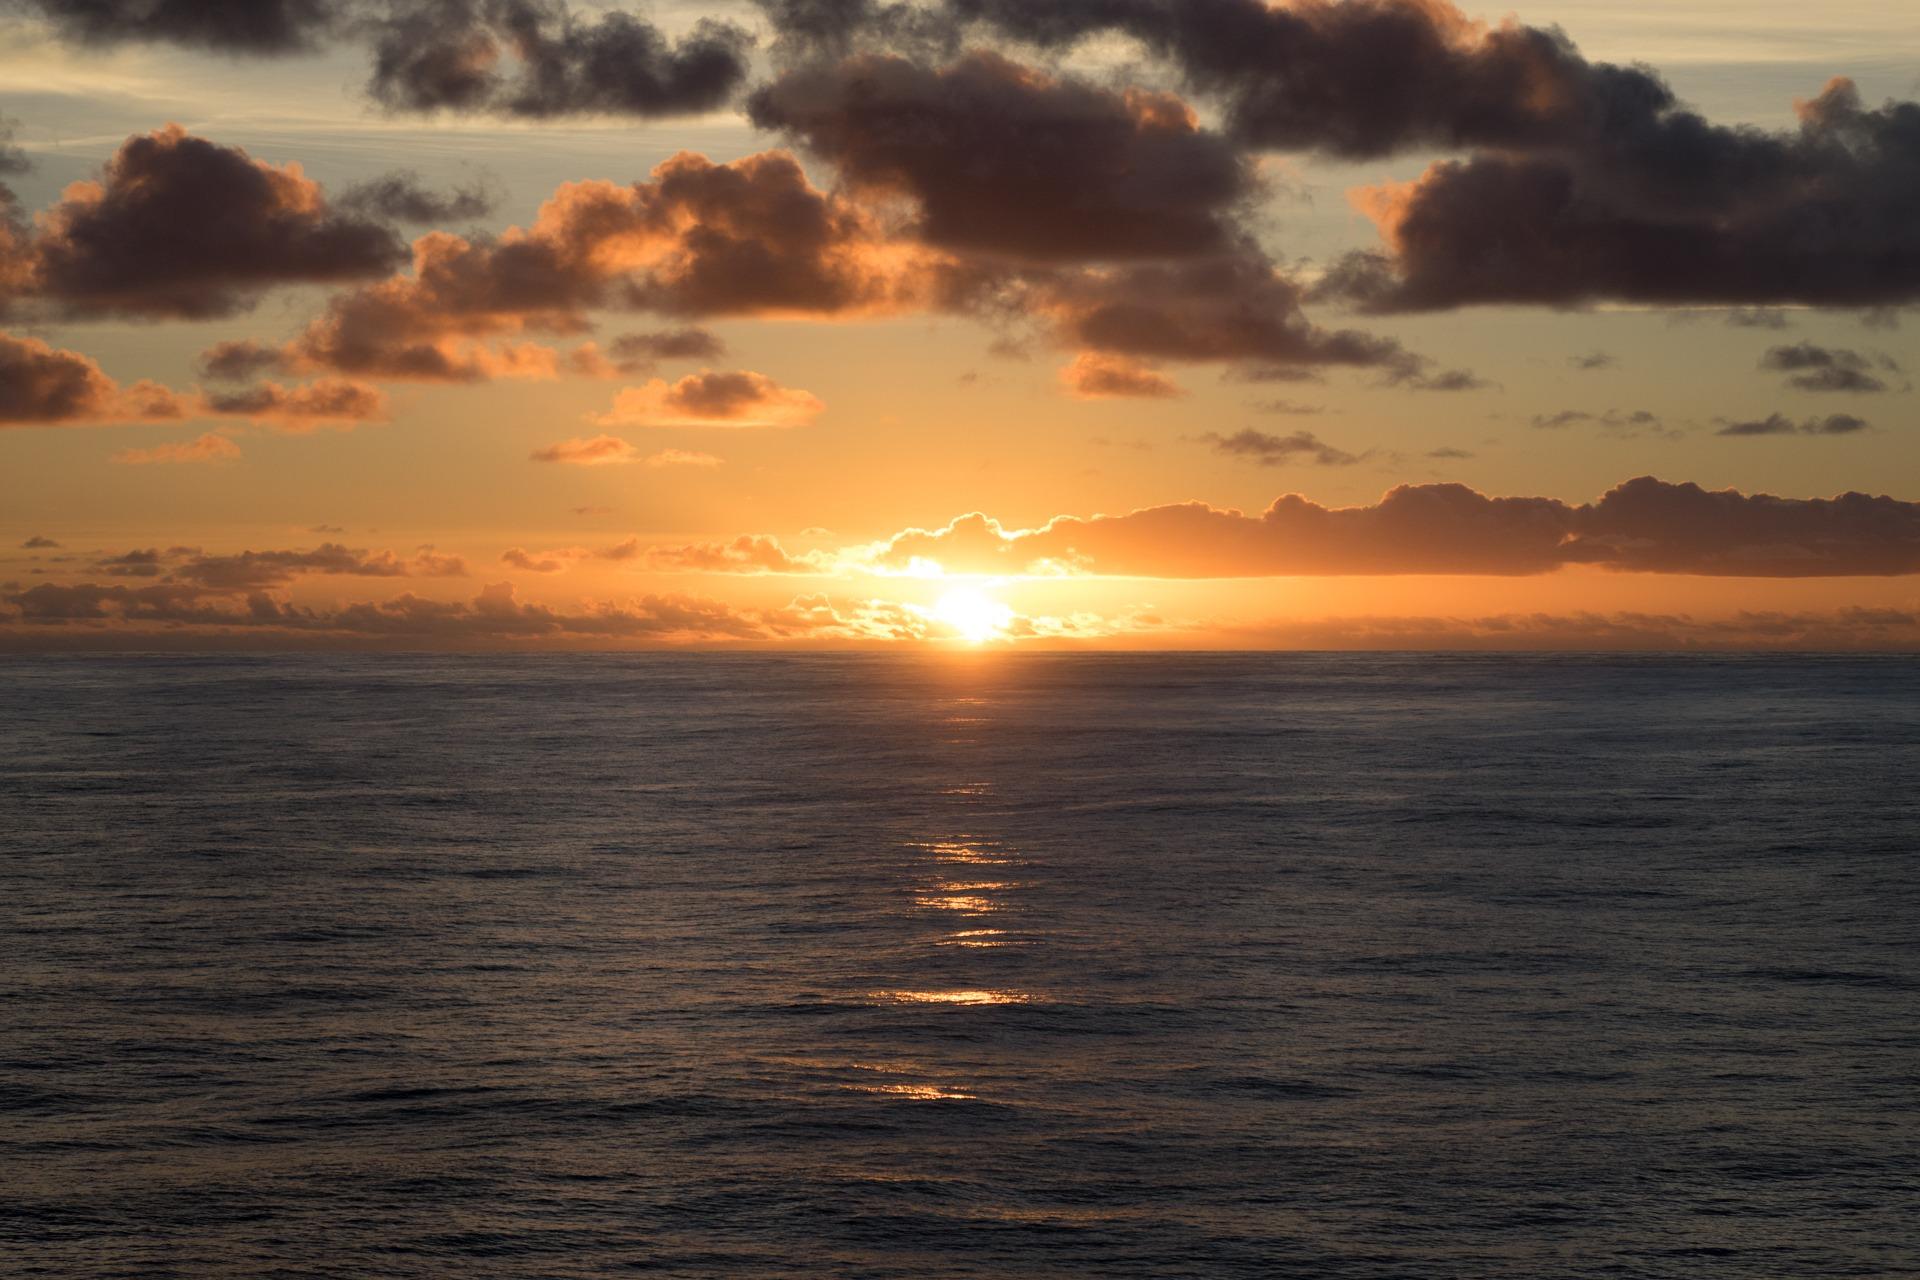 закат на море закат на океане все картинки владельцев приусадебных